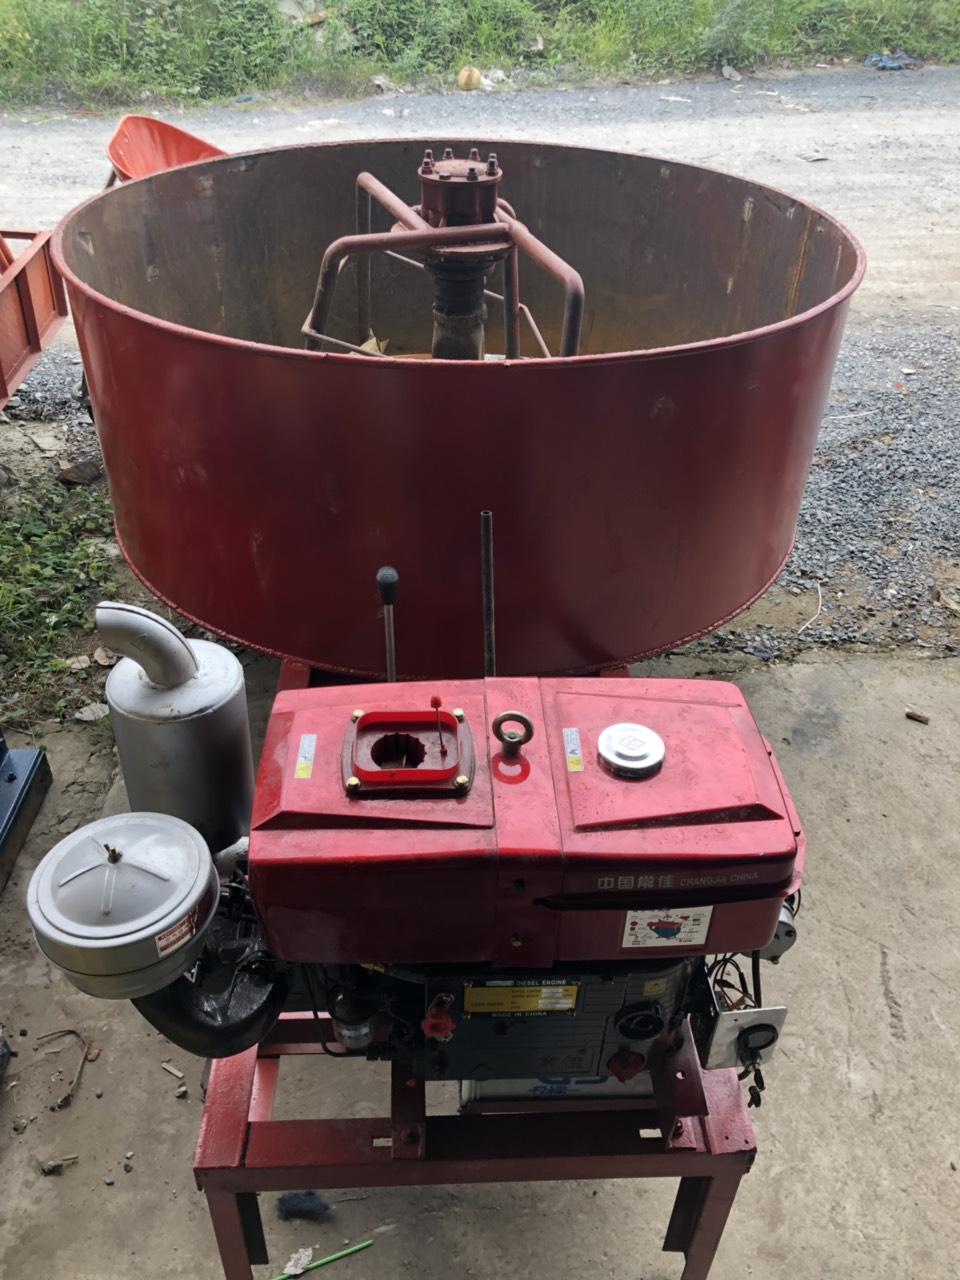 máy trộn cưỡng bức 9 bao xi măng